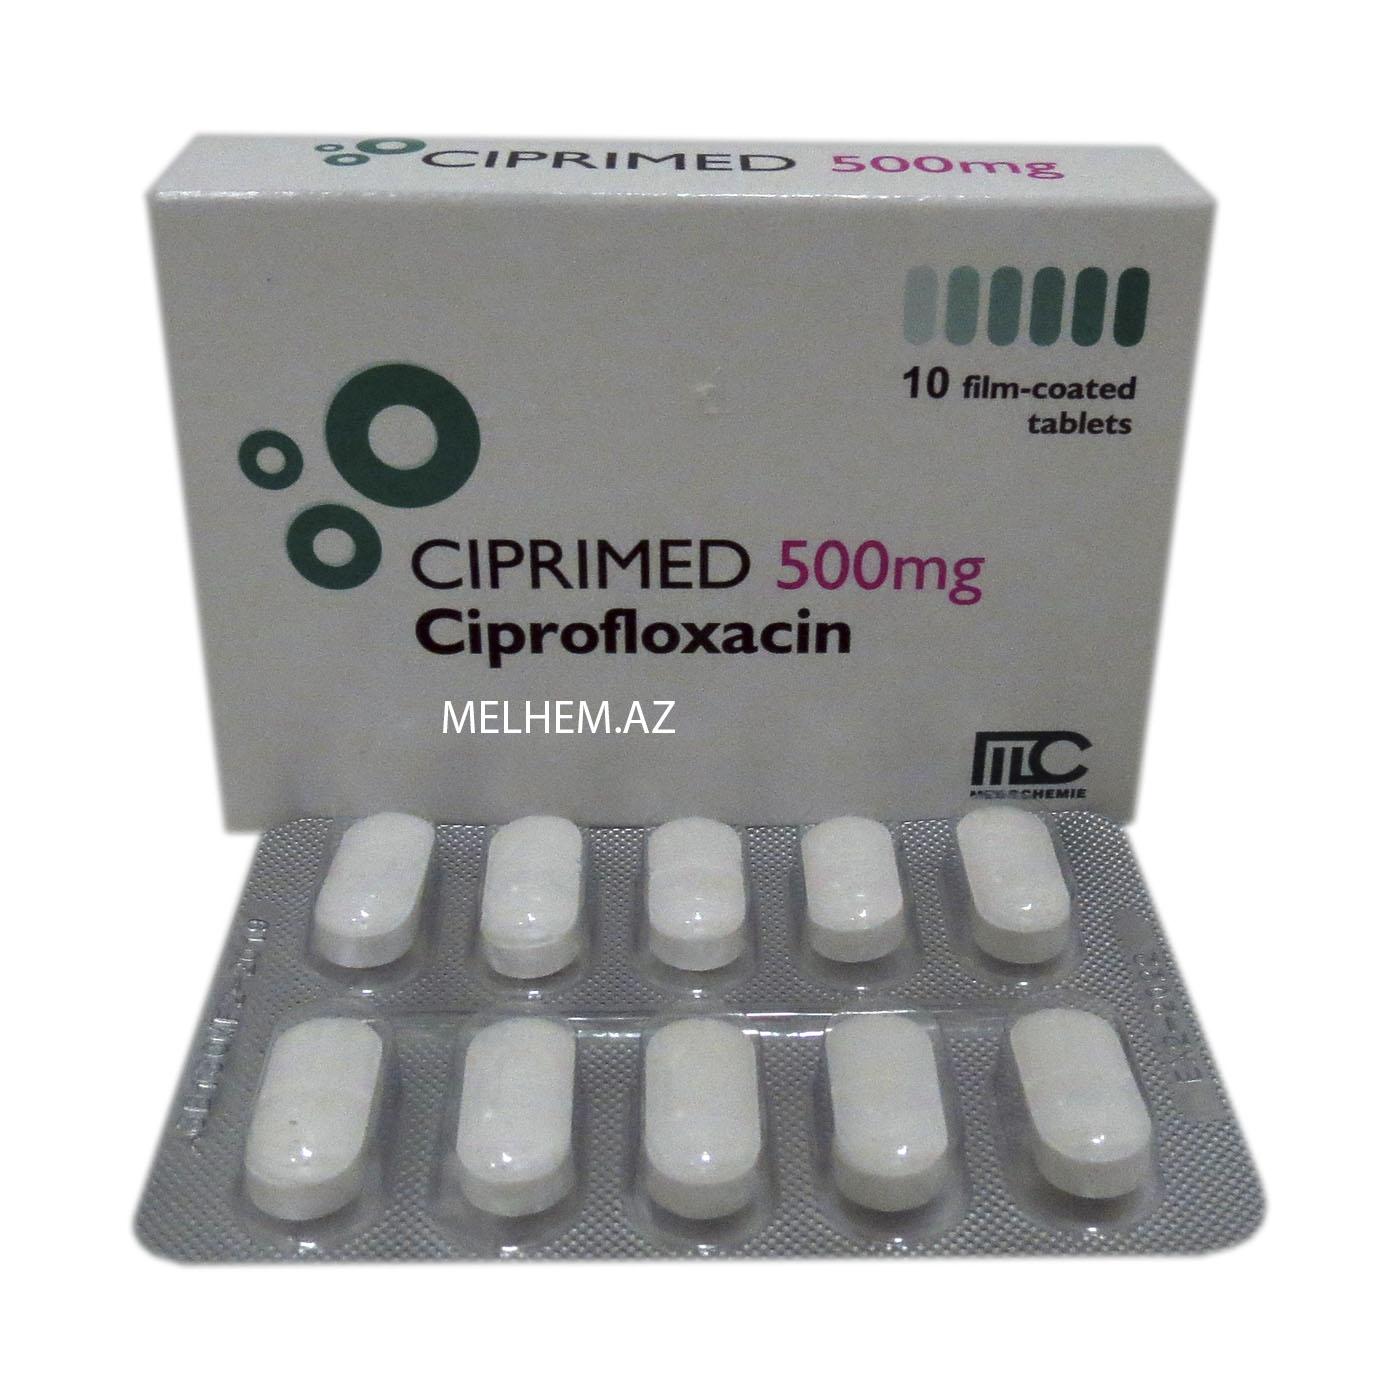 CIPRIMED 500 MG